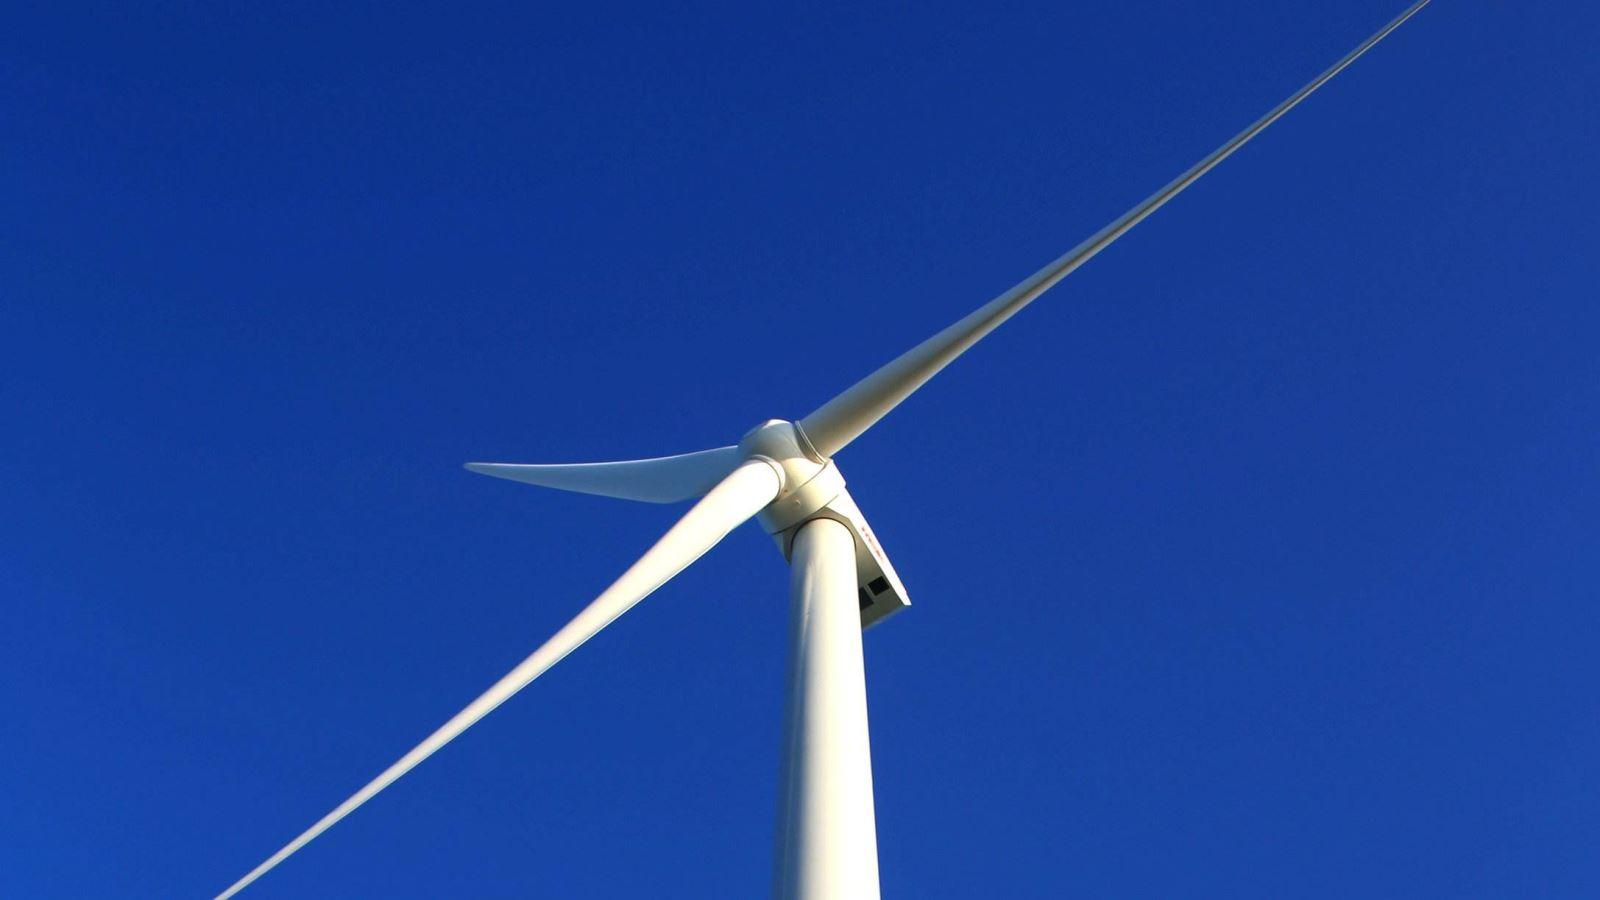 耗时5天 云南洒谷风电场25台风机全部并网发电